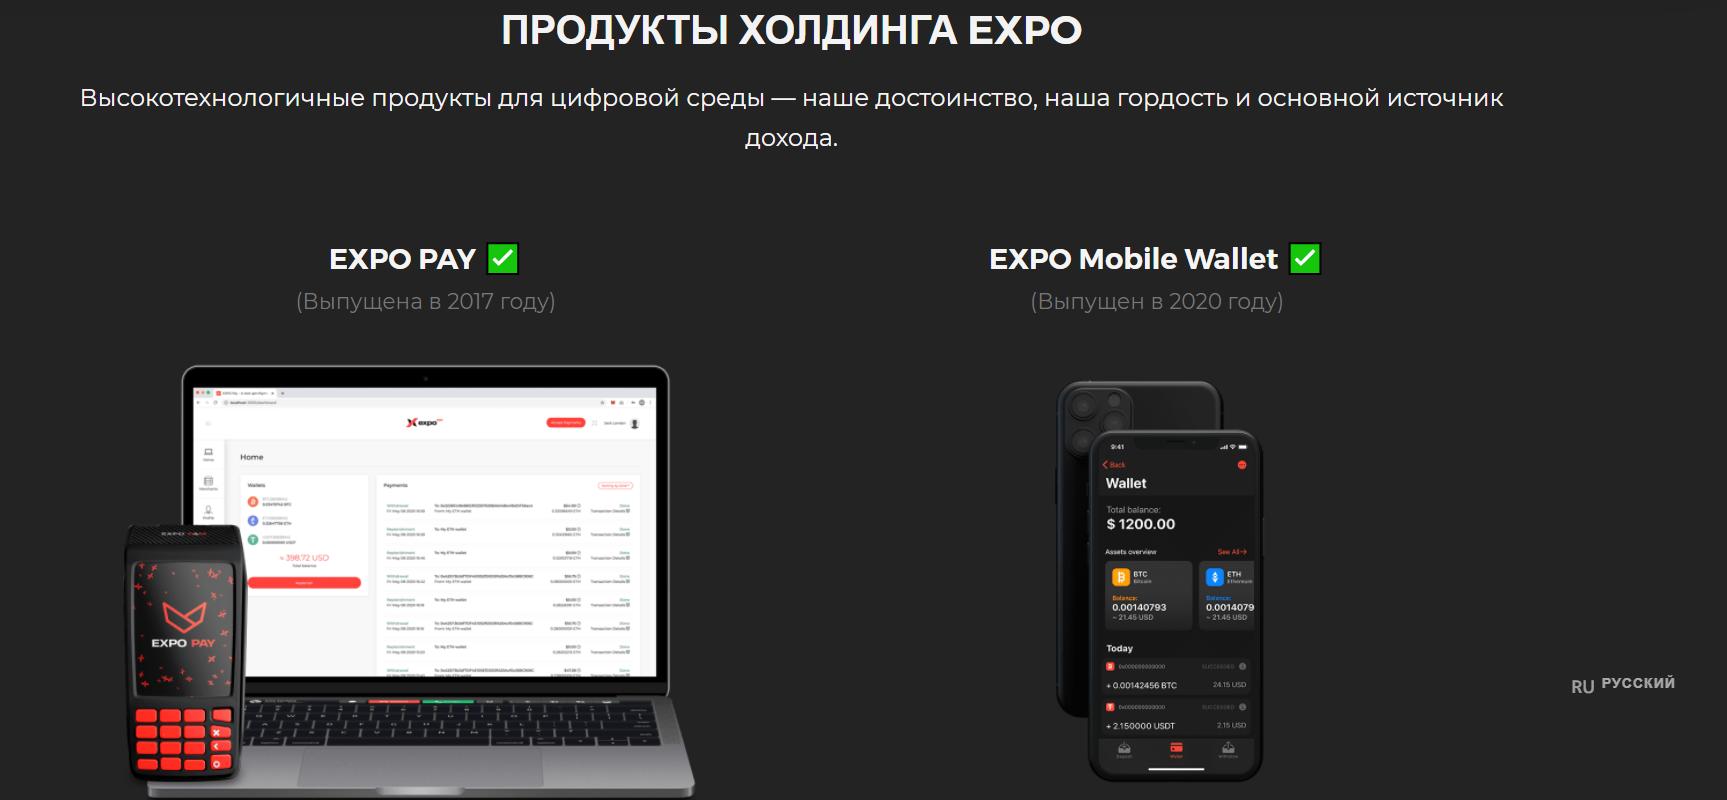 Отзывы об EXPO R&M: реальная платформа для заработка или очередной обман? обзор